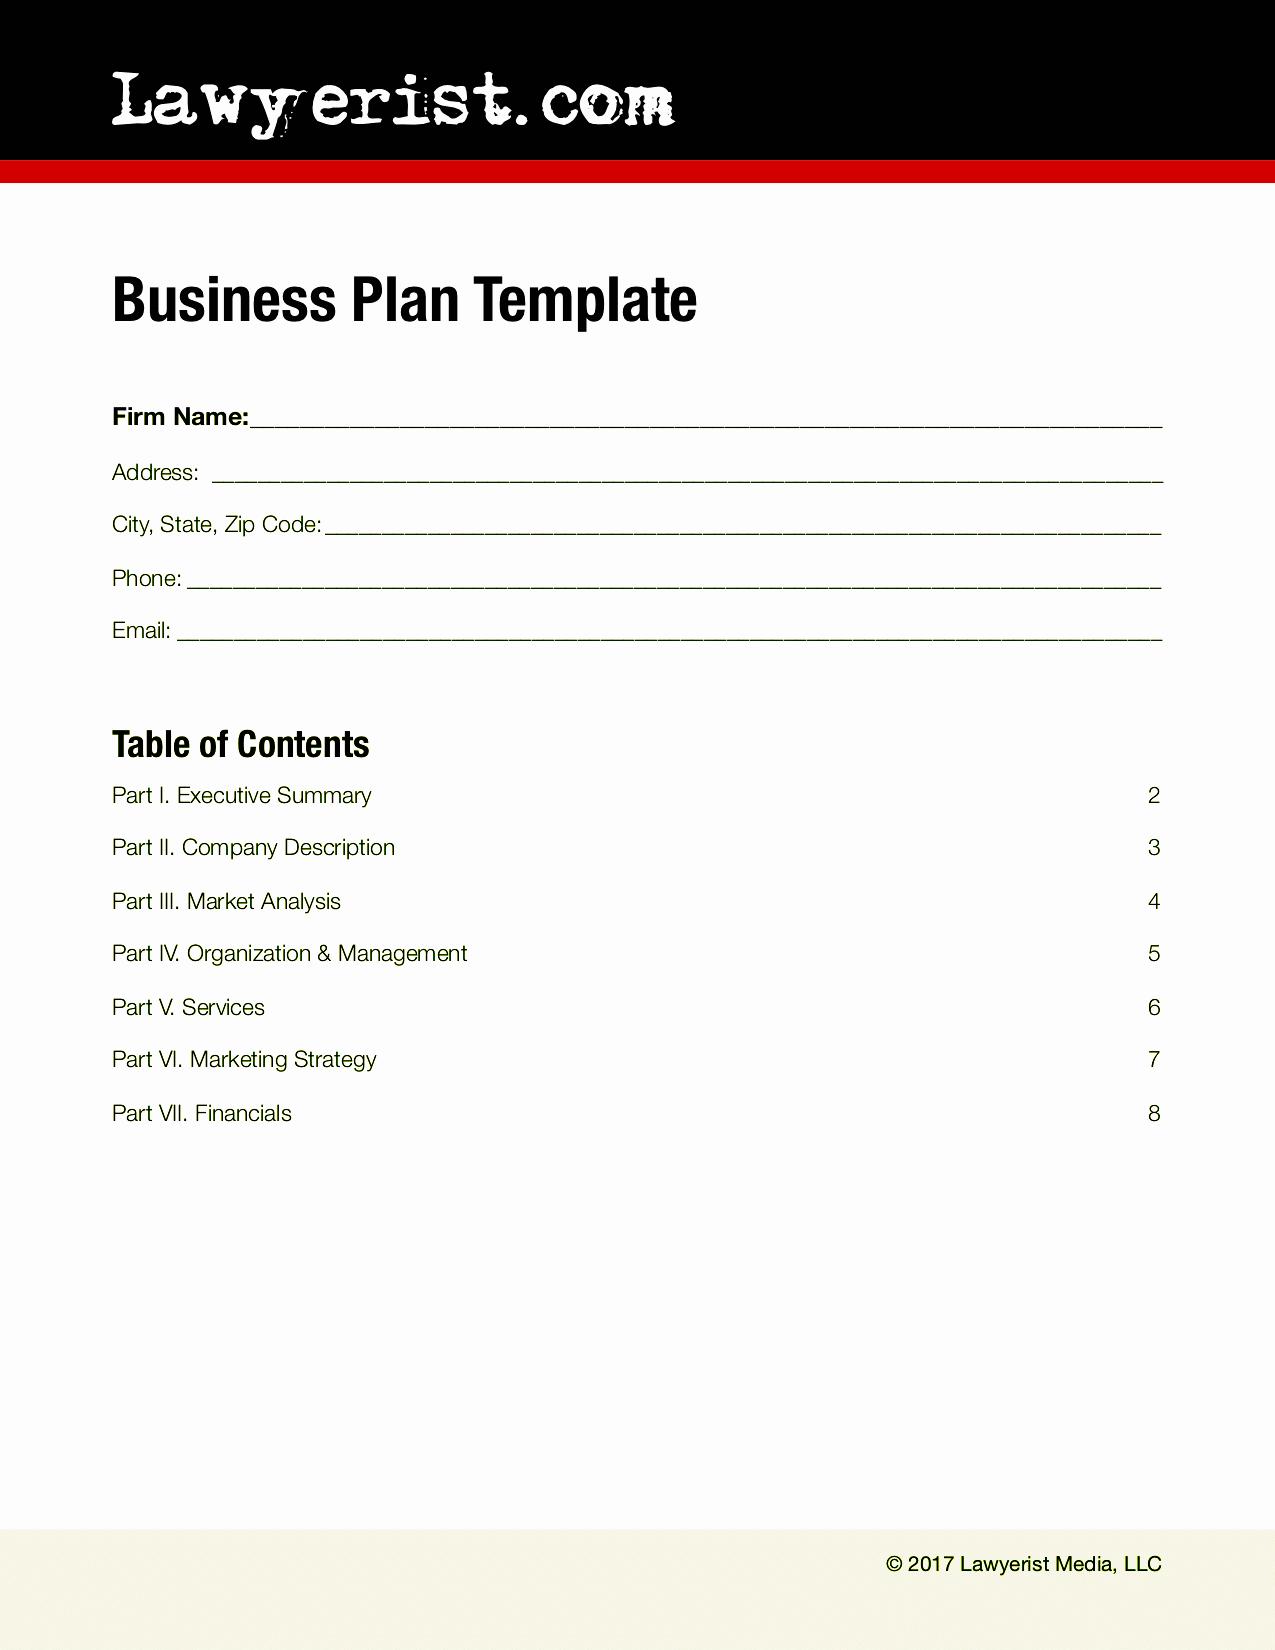 Summary Plan Description Template Best Of Business Plan Template